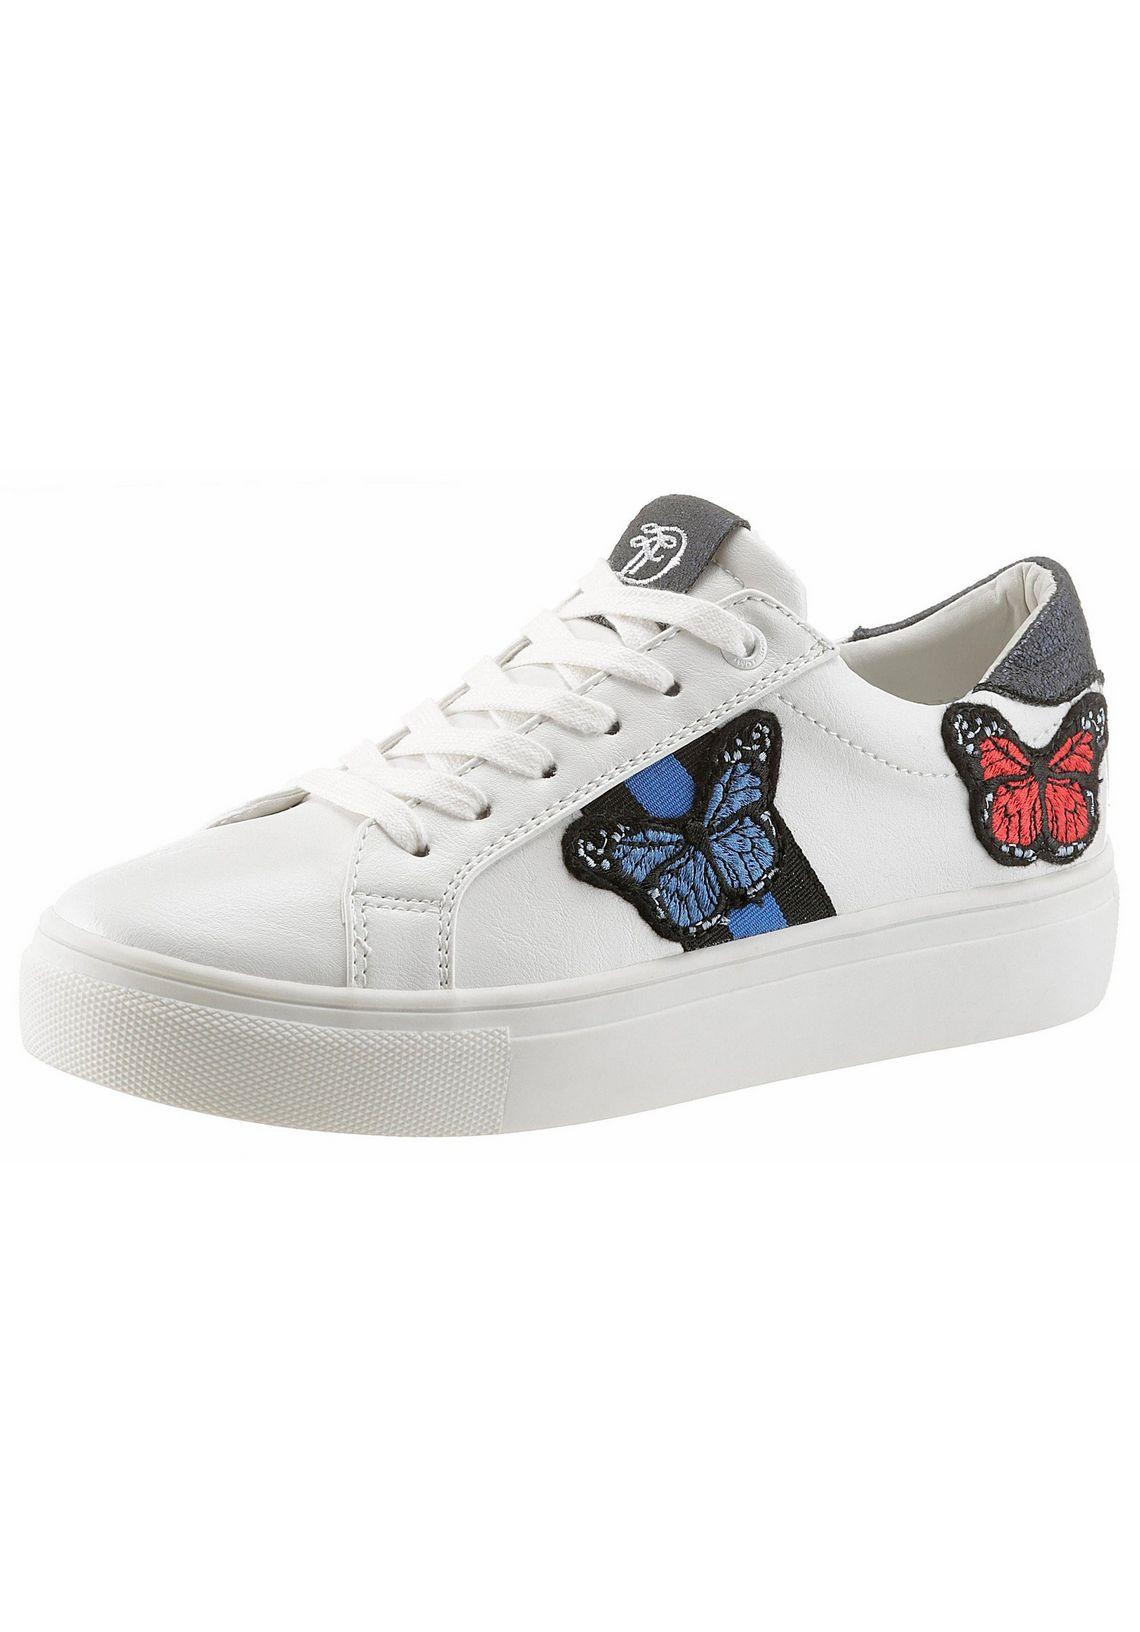 Tom Tailor sneakers koop je bij  wit/navy